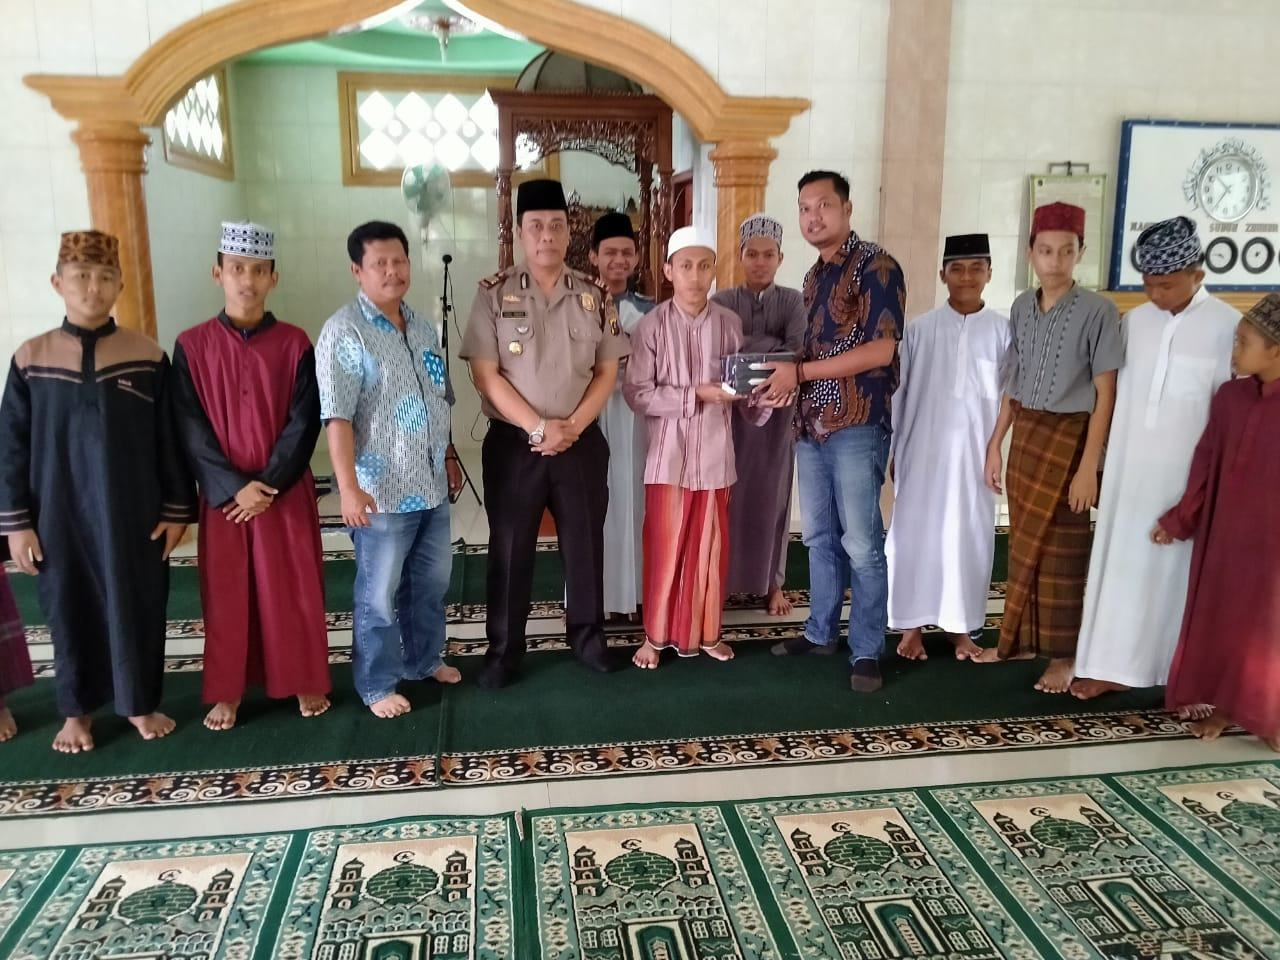 Kapolsek Marbau, Lakukan Kunjungan ke Tuan Guru